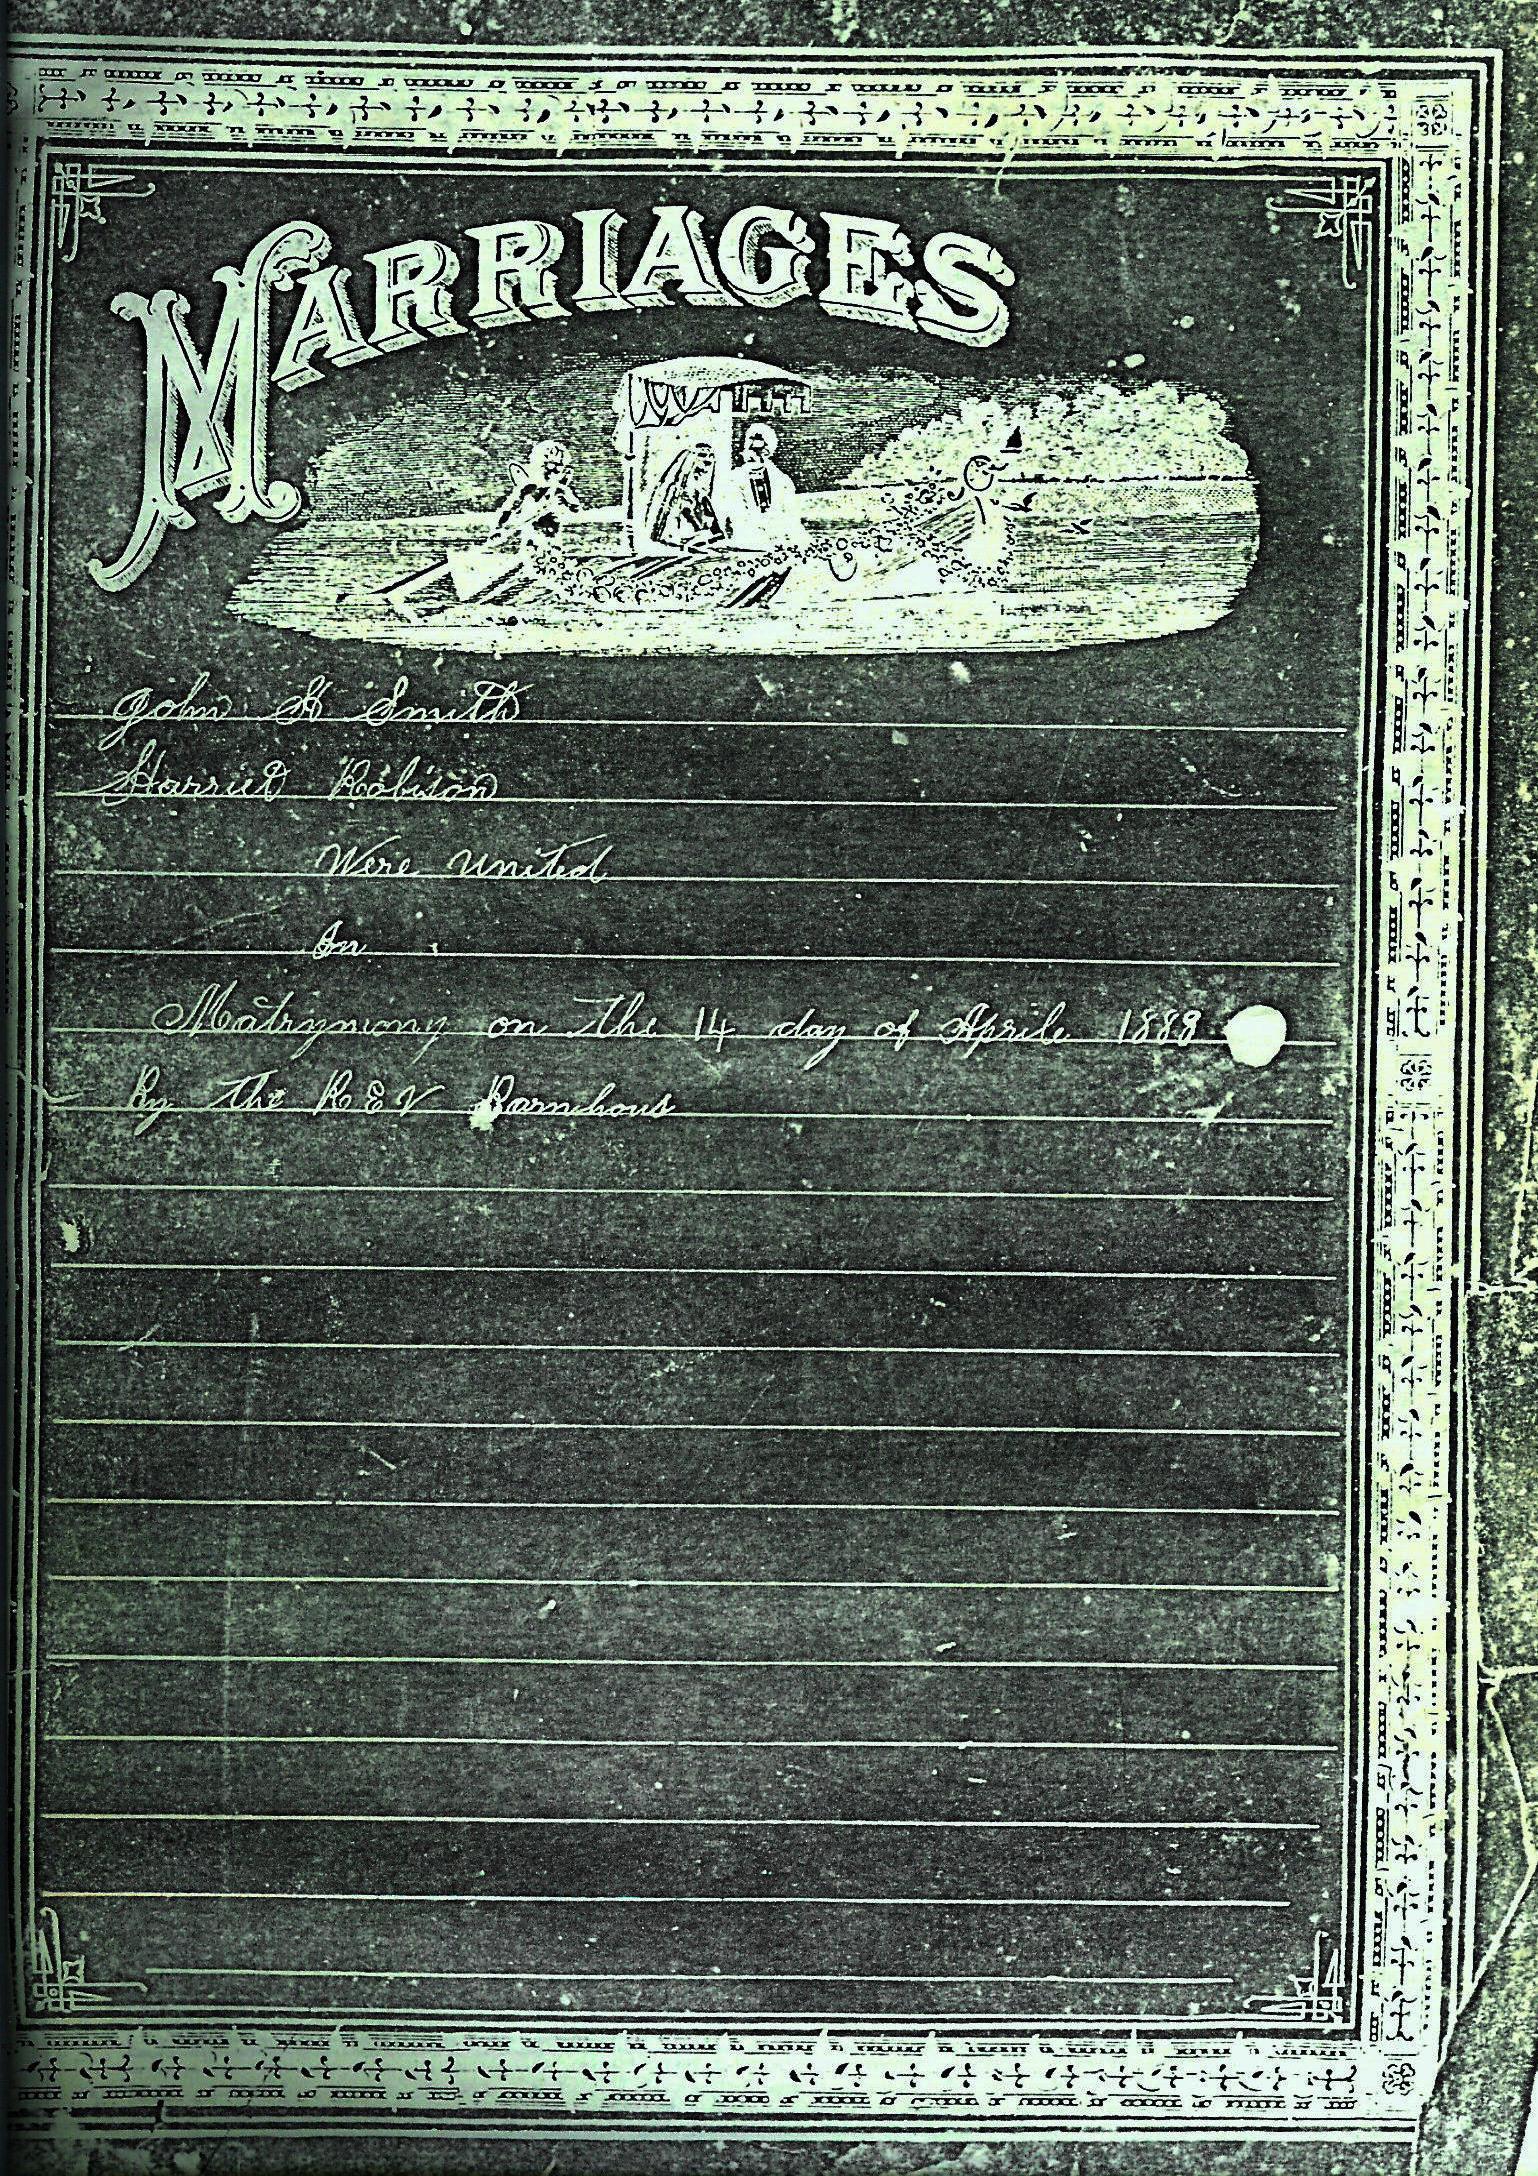 Margaret A. Midcap